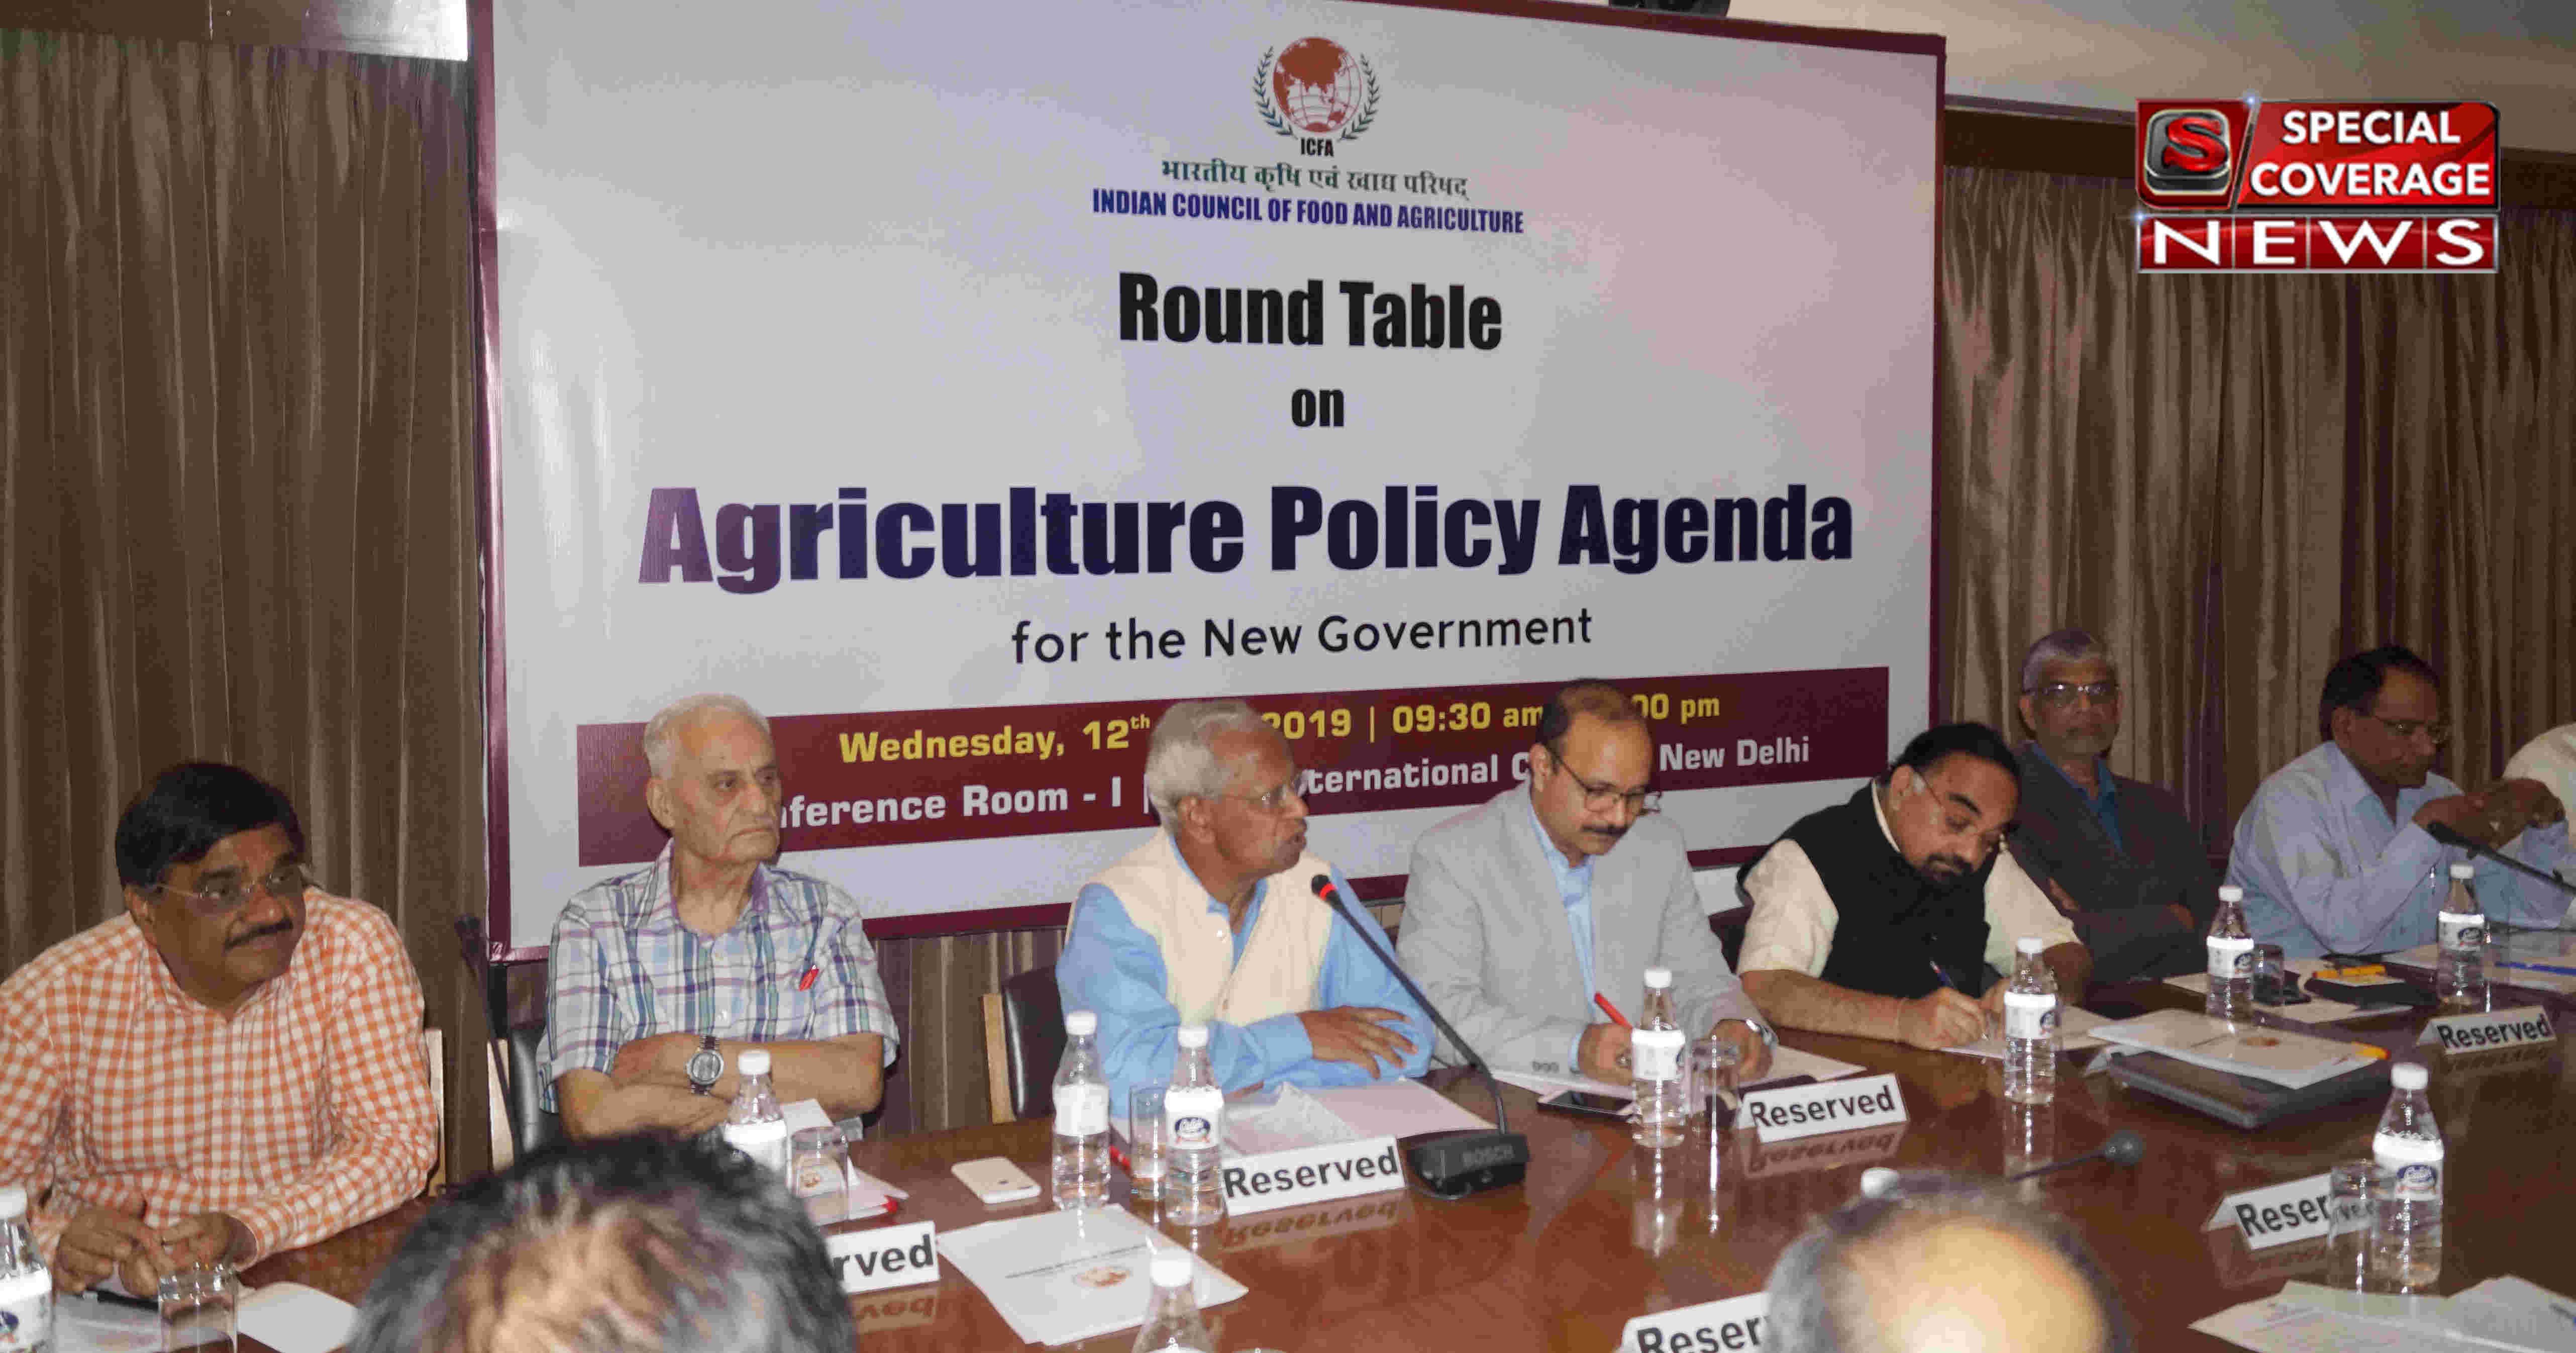 भारतीय कृषि एवं खाद्य परिषद ने बुलाई एग्रीकल्चर पॉलिसी एजेंडा मीटिंग